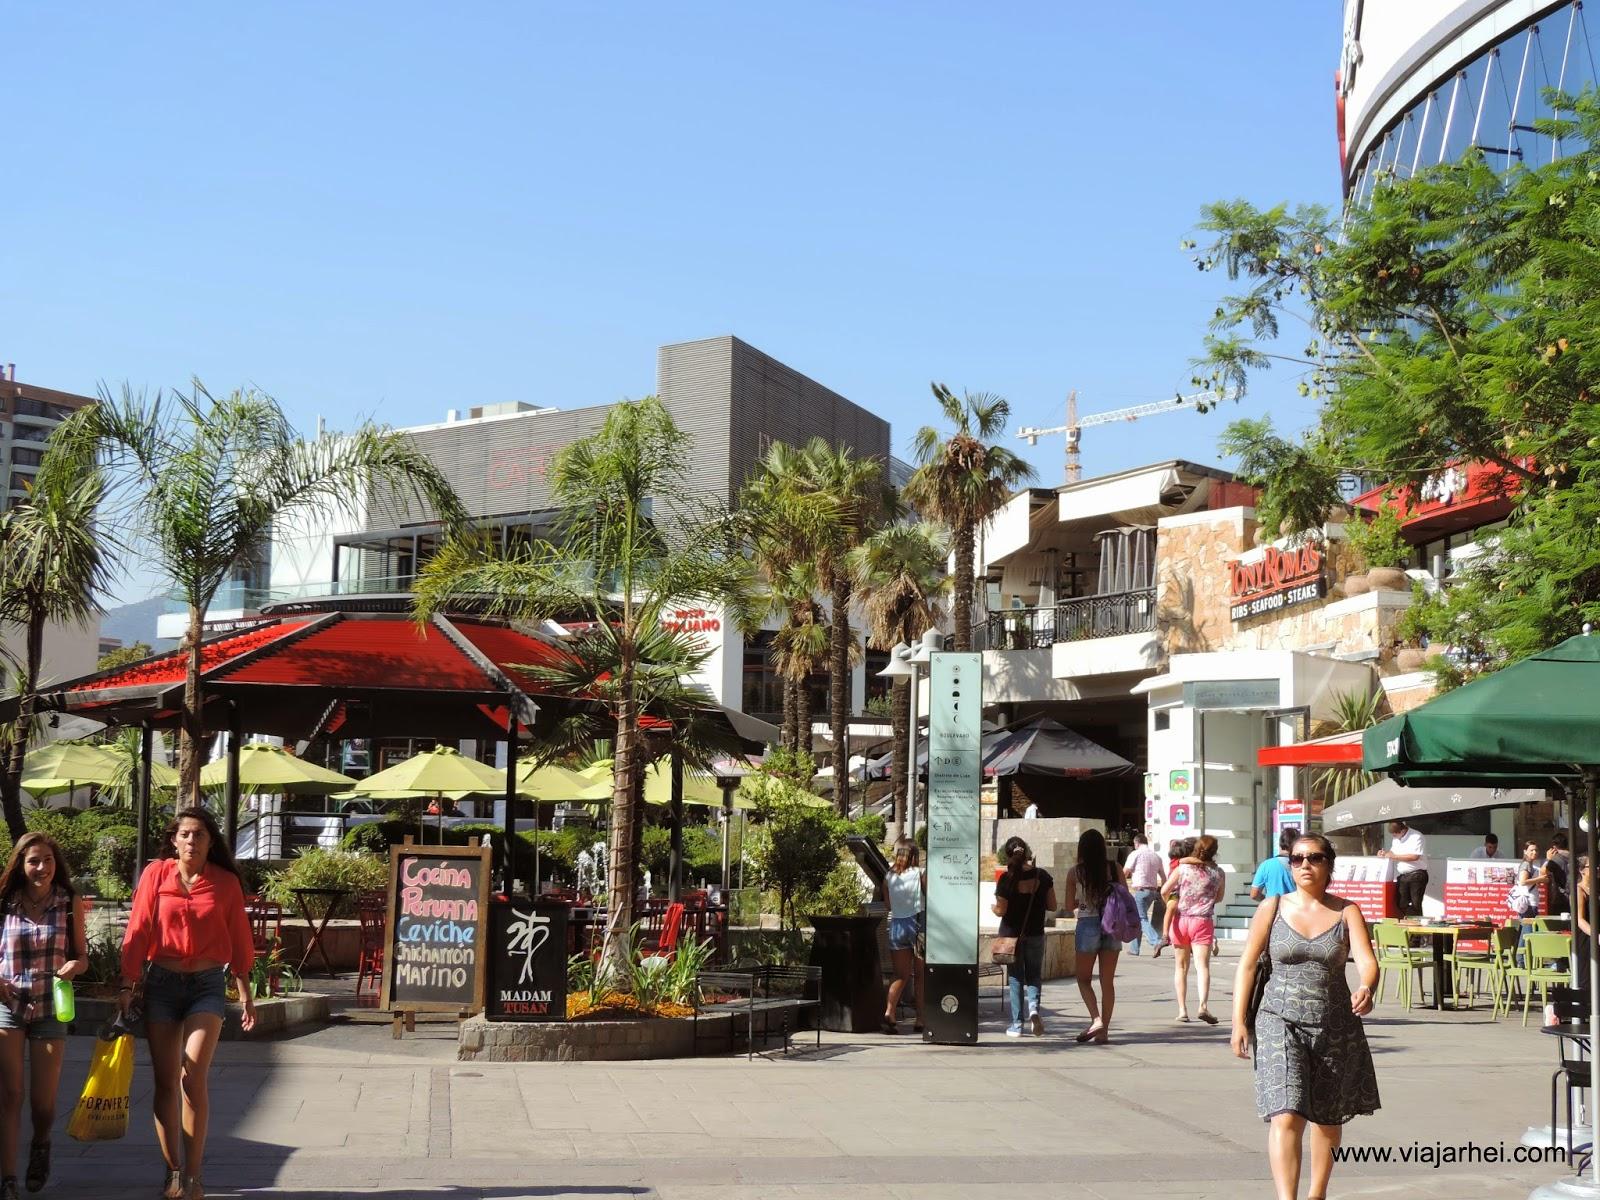 Como é o Shopping Parque Arauco, em Santiago - Chile | Viajar hei - Relatos, dicas, agência de viagens